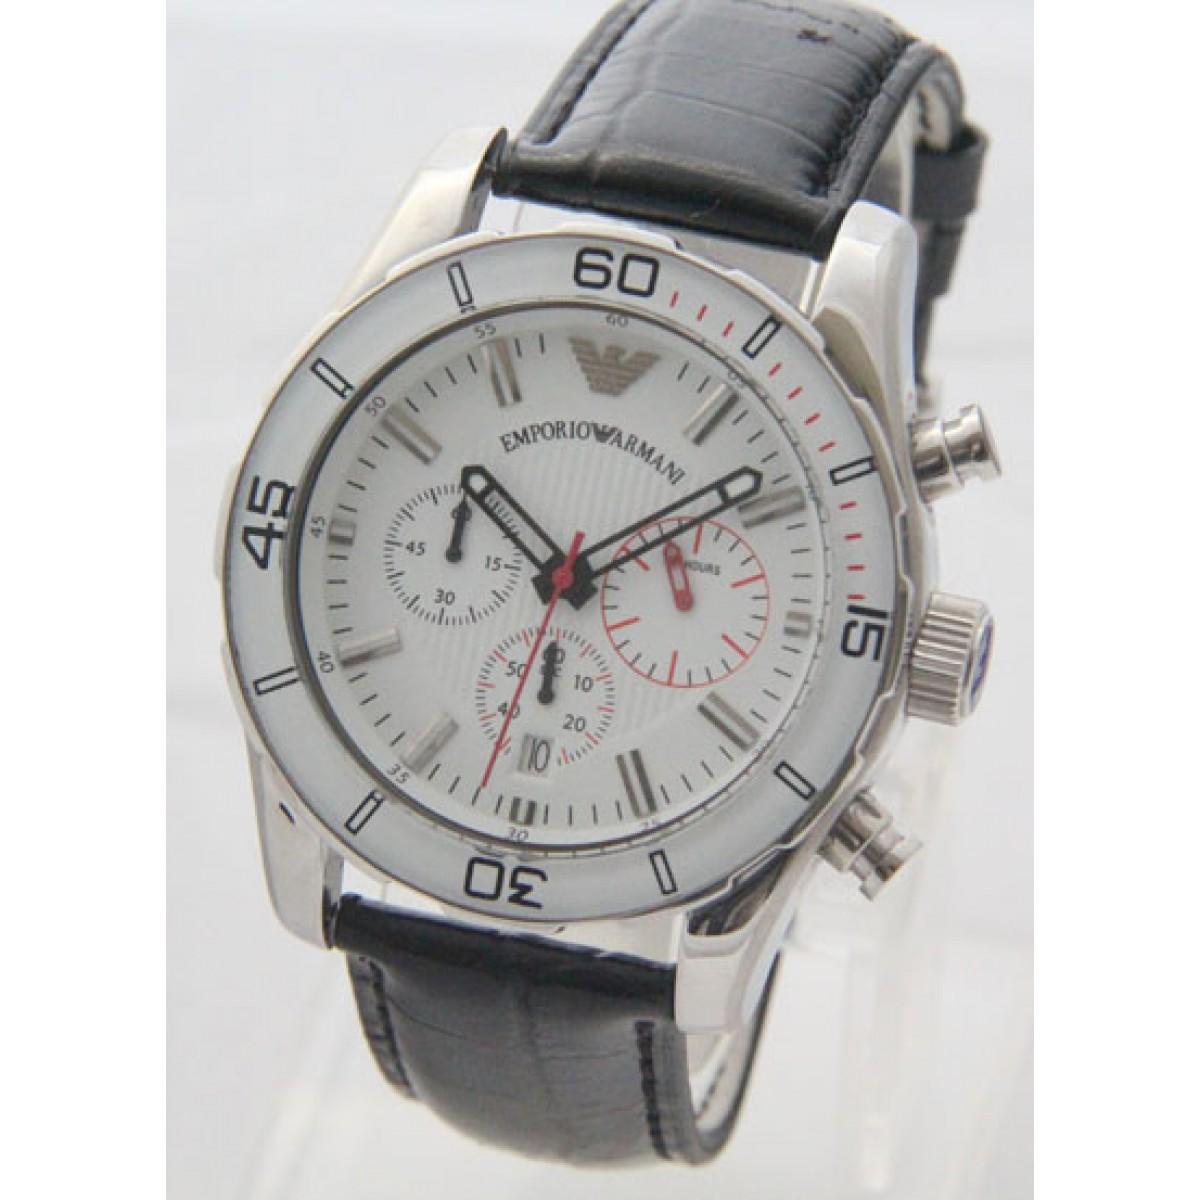 2c11f21c2be Relógio Réplica Armani Branco Couro ( Promoção )